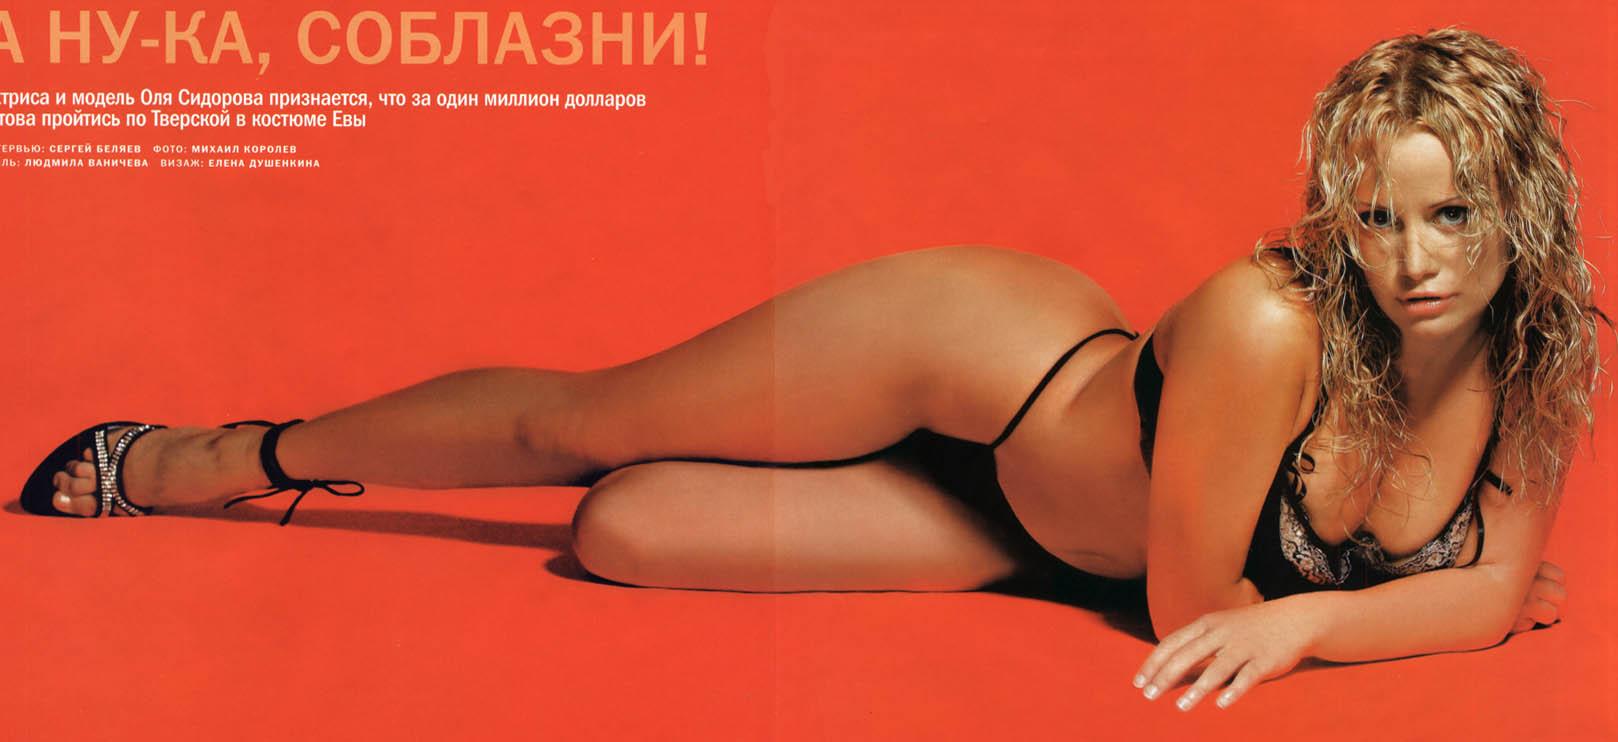 Ольга сидорова порно